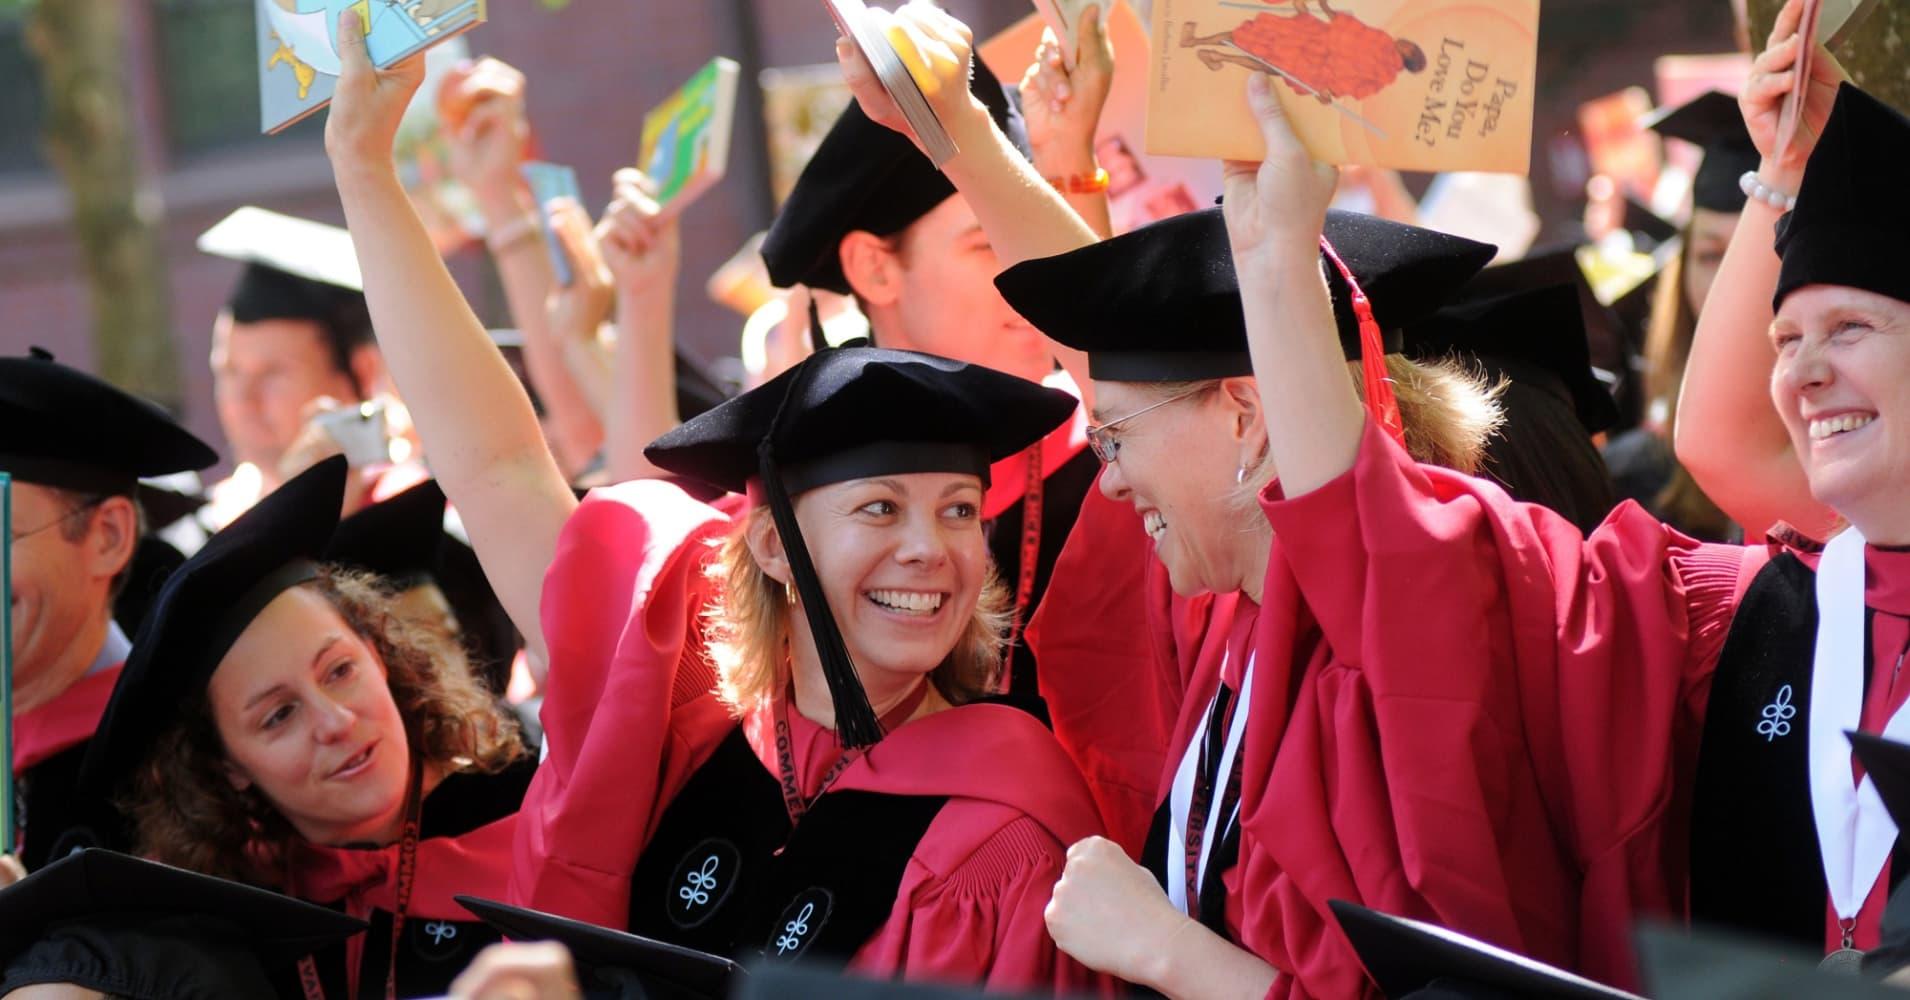 Graduates From Harvard University in Cambridge, Massachusetts.